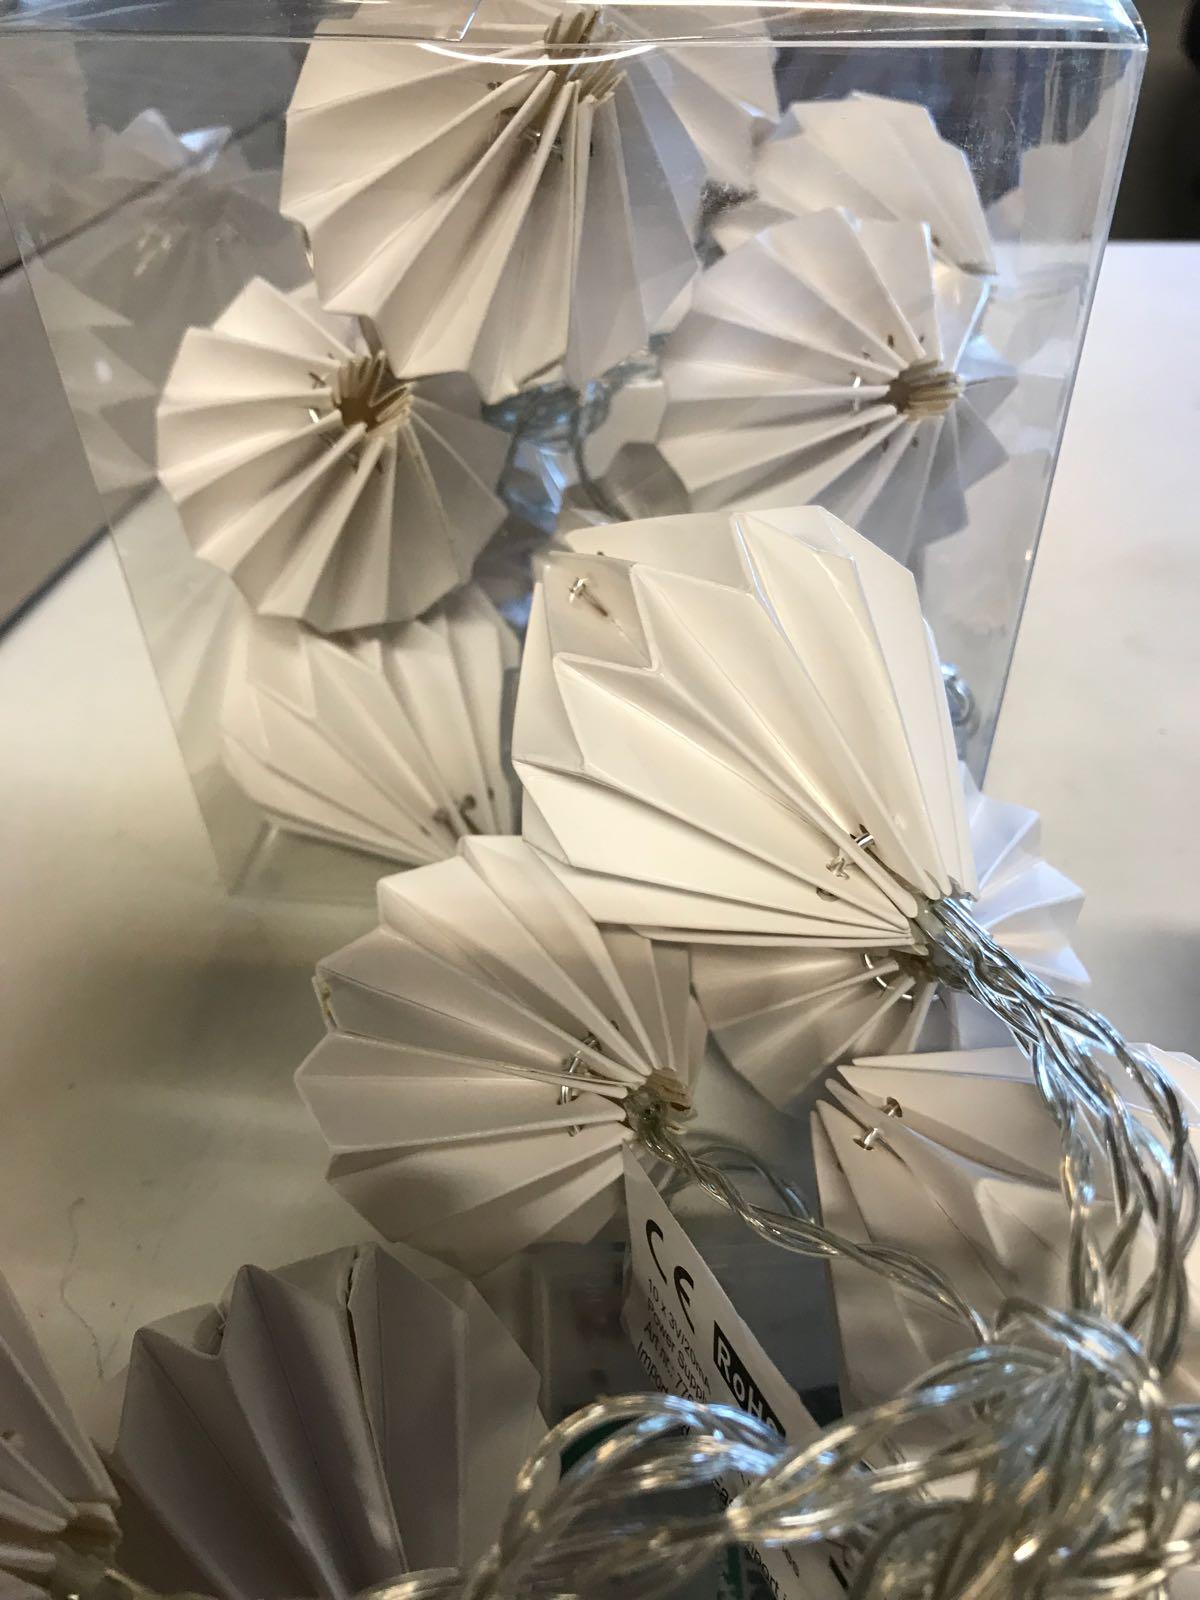 Ljusslinga med vita pappersbollar (batteri)